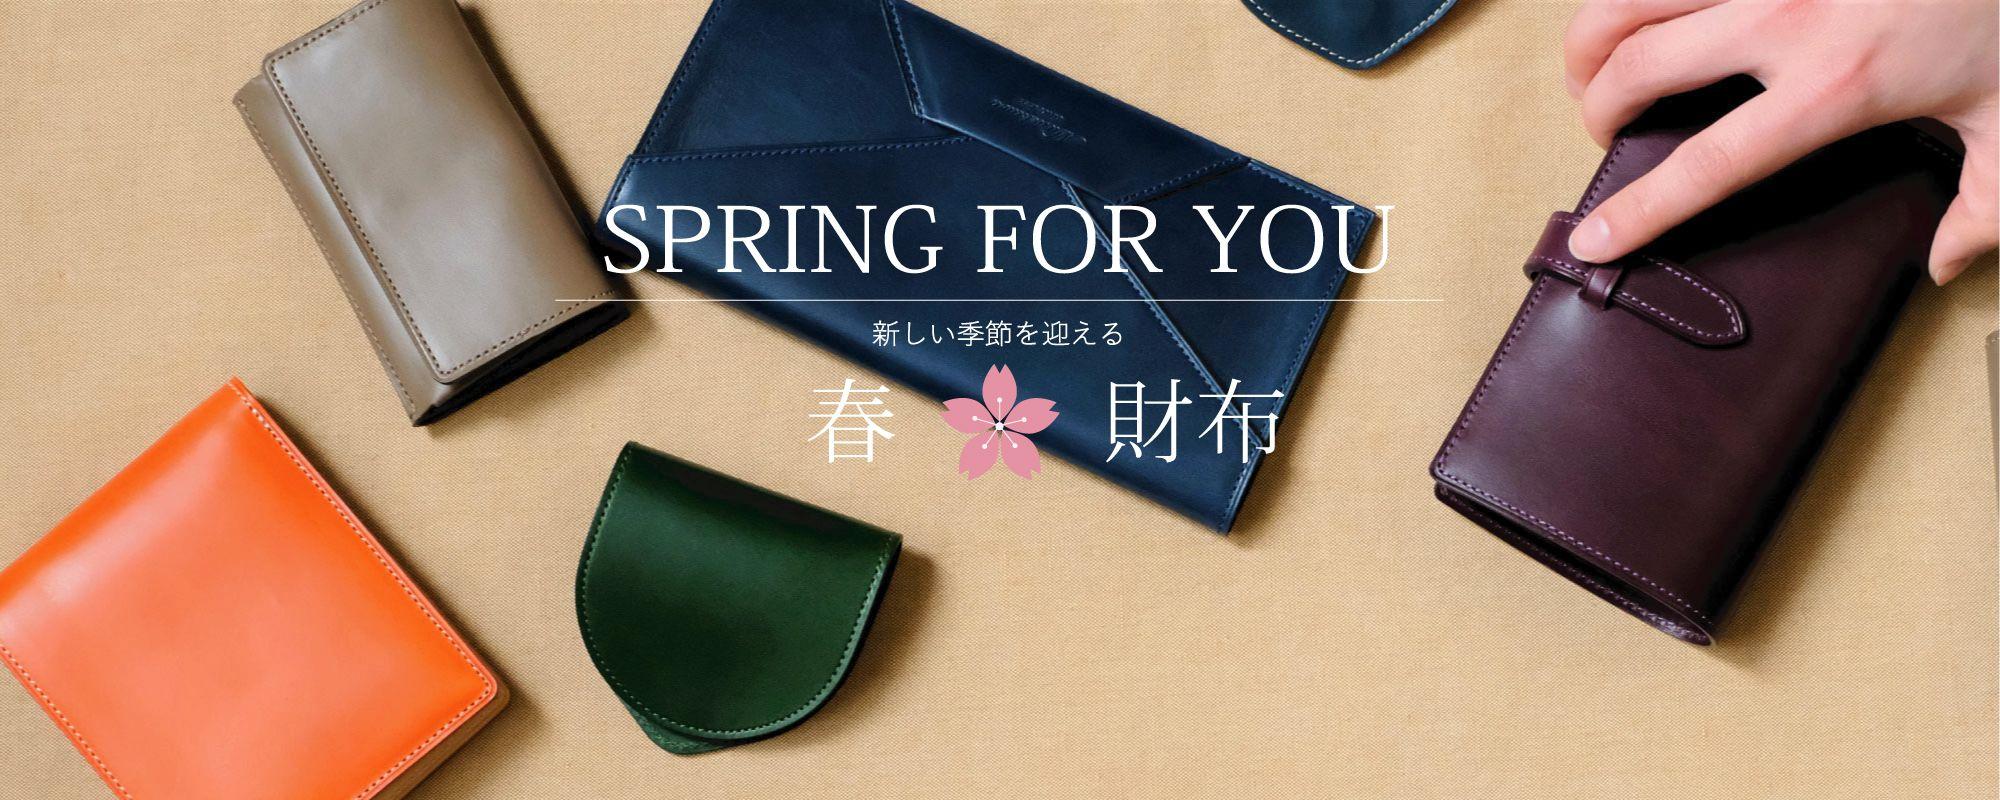 新しい季節を迎えるMunekawaの春財布